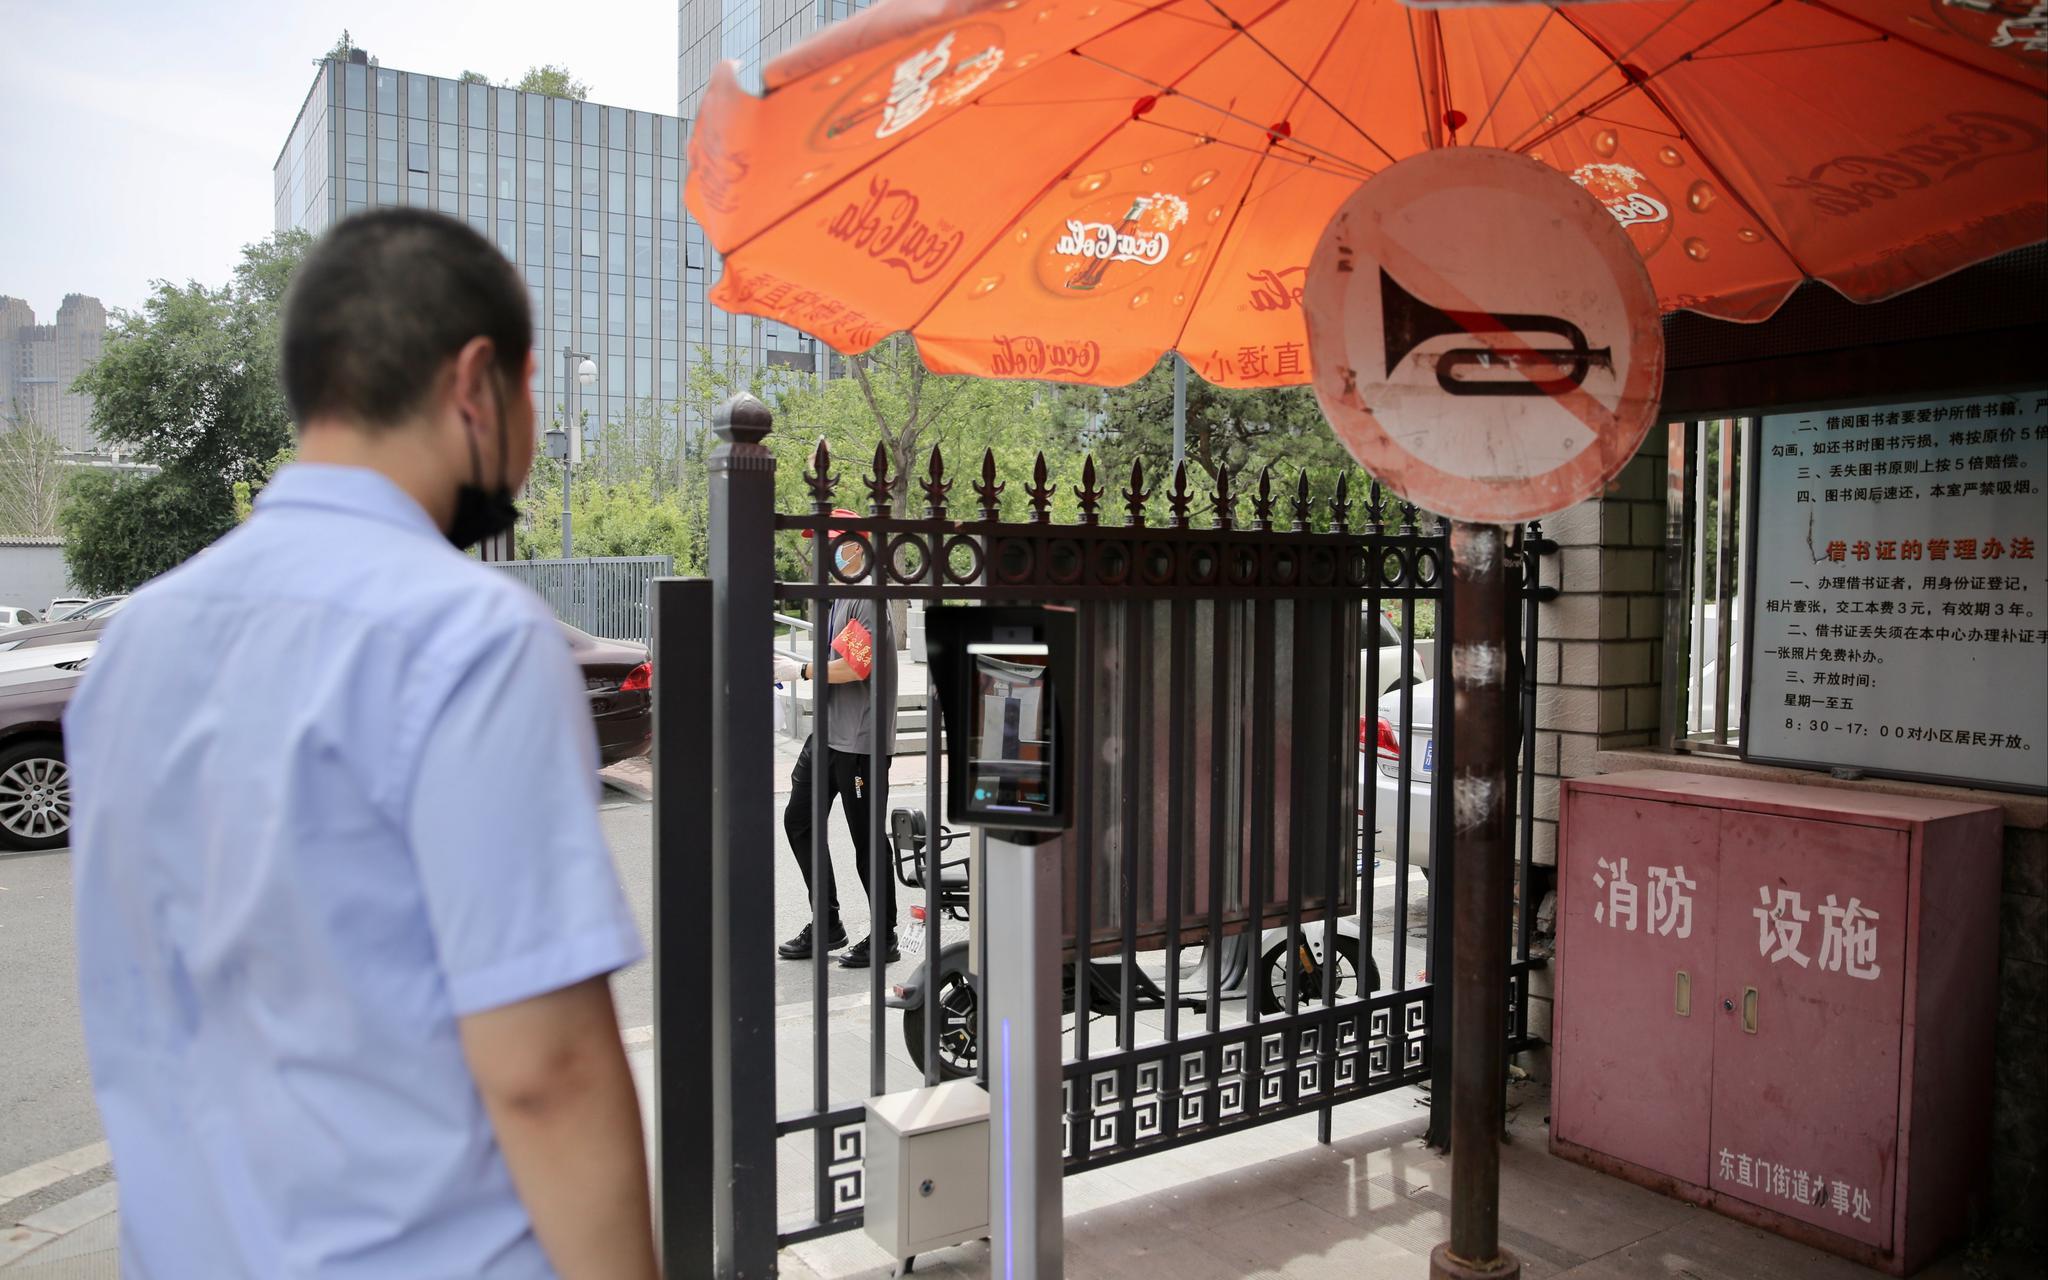 [摩天注册]态化北京多摩天注册个社区加装人脸识别系图片